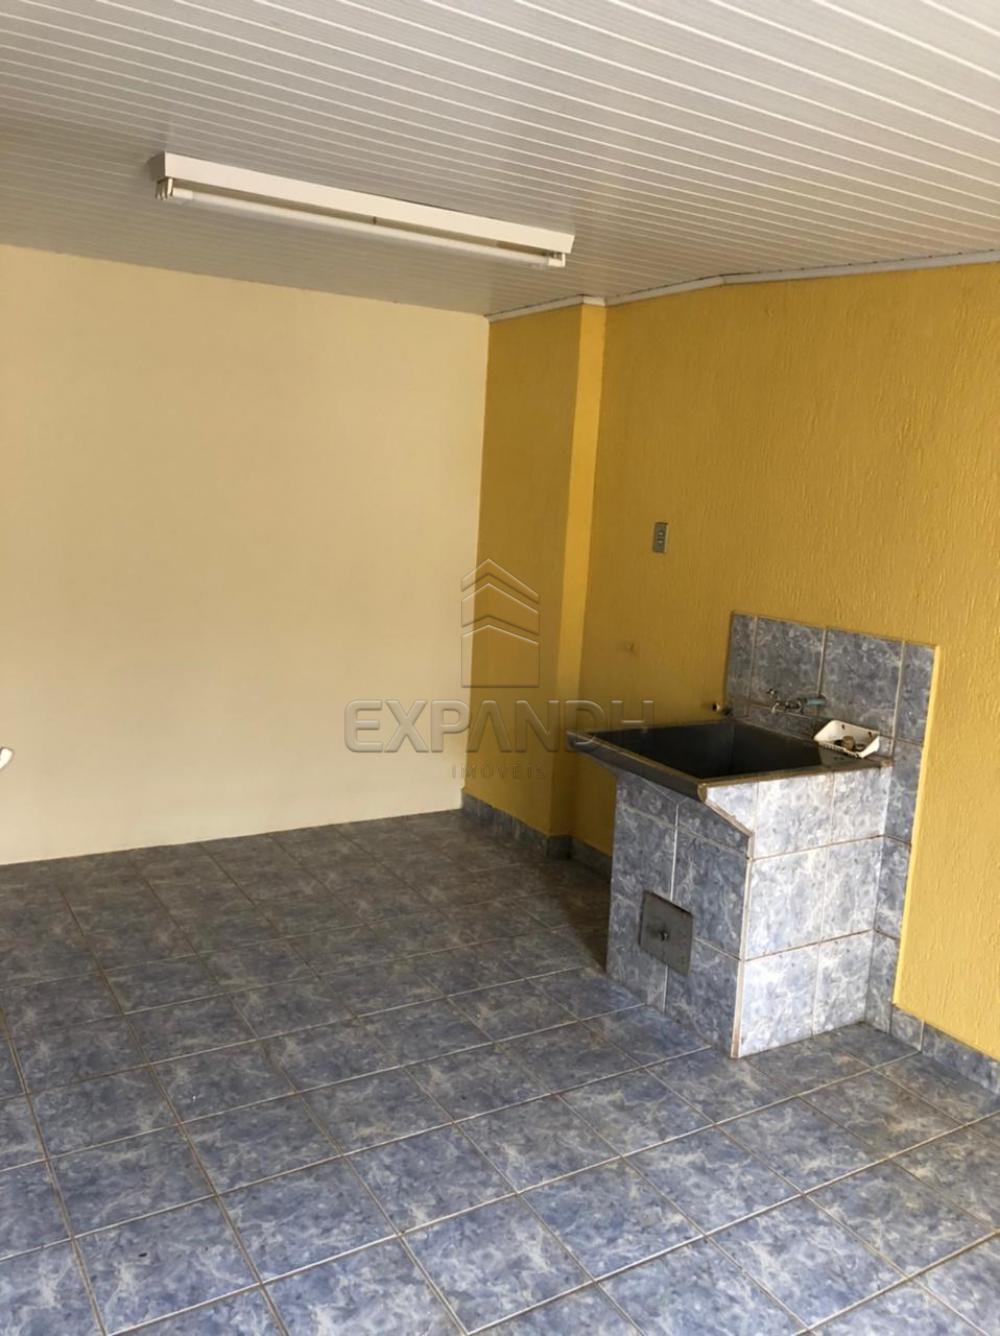 Alugar Casas / Padrão em Sertãozinho R$ 925,00 - Foto 13